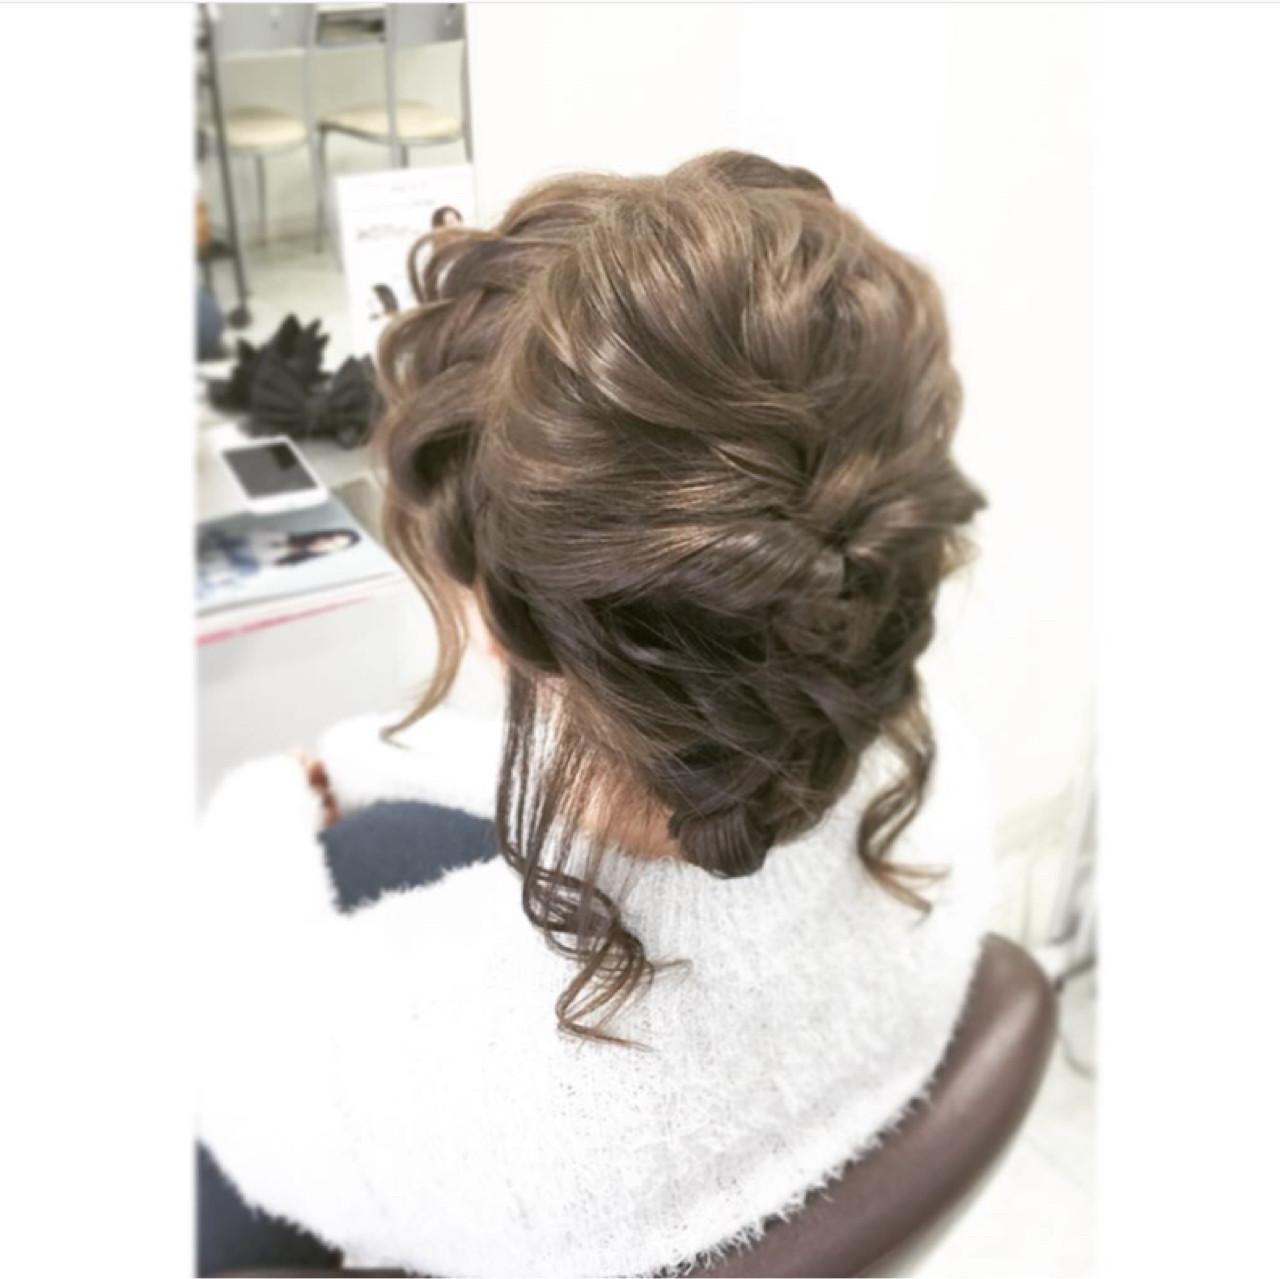 波ウェーブ ヘアアレンジ アッシュ セミロング ヘアスタイルや髪型の写真・画像